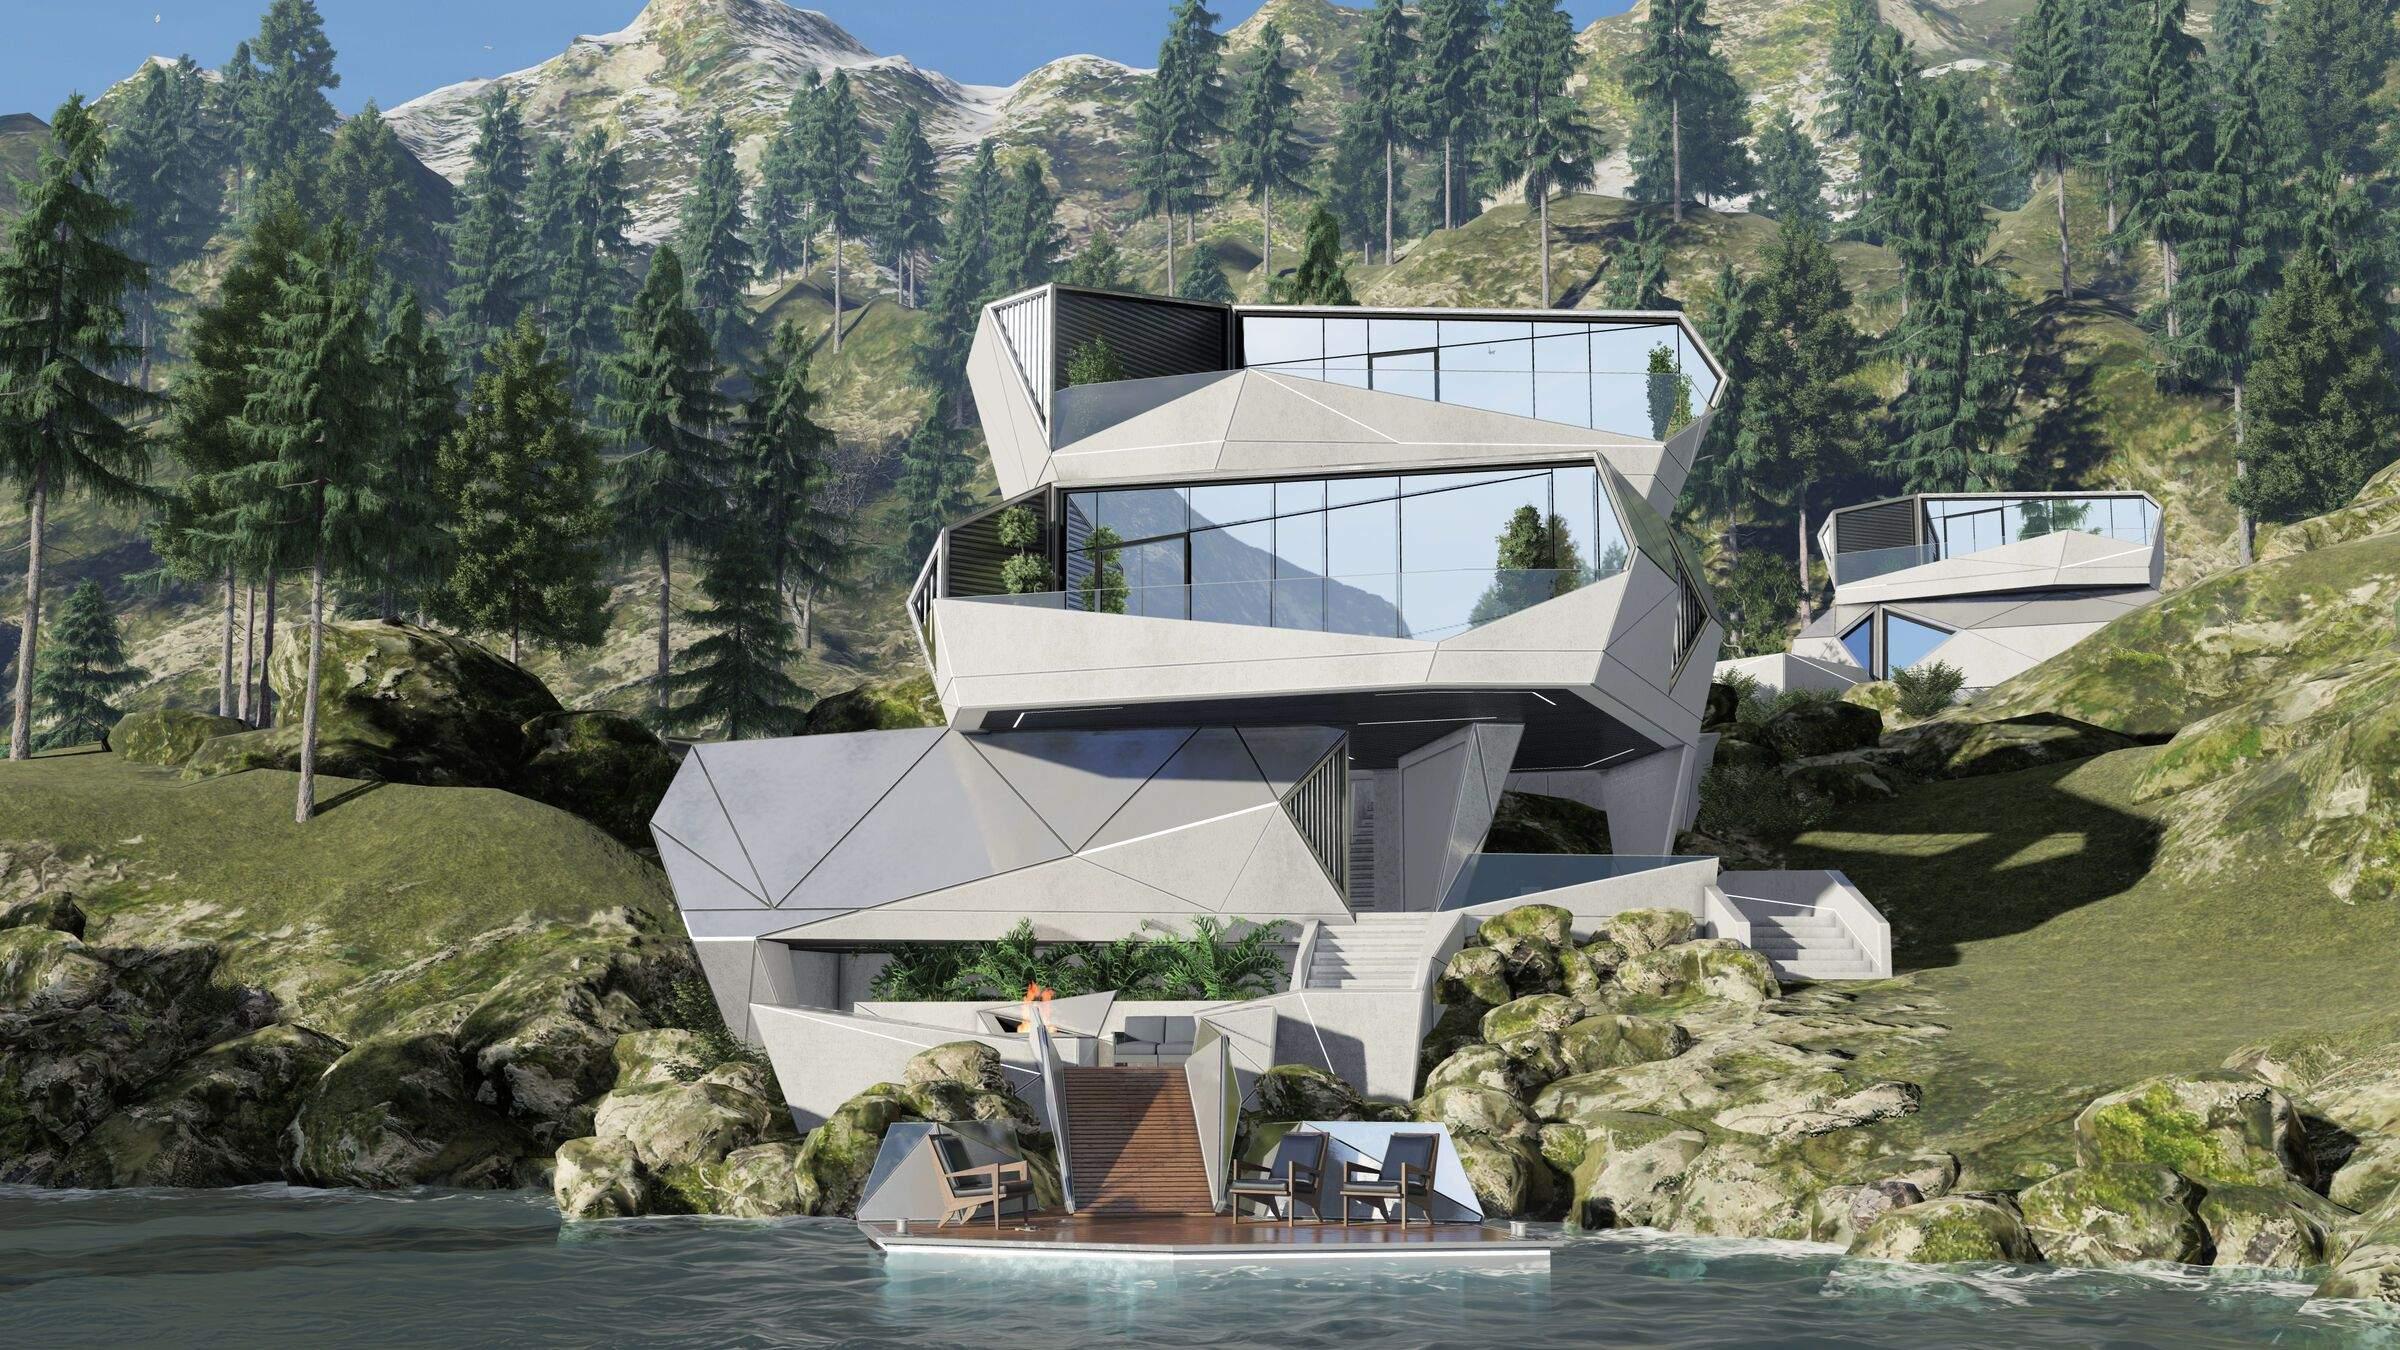 На рівнях будинку є окремі зони для медитації та відпочинку на природі / Фото  Beautiful life